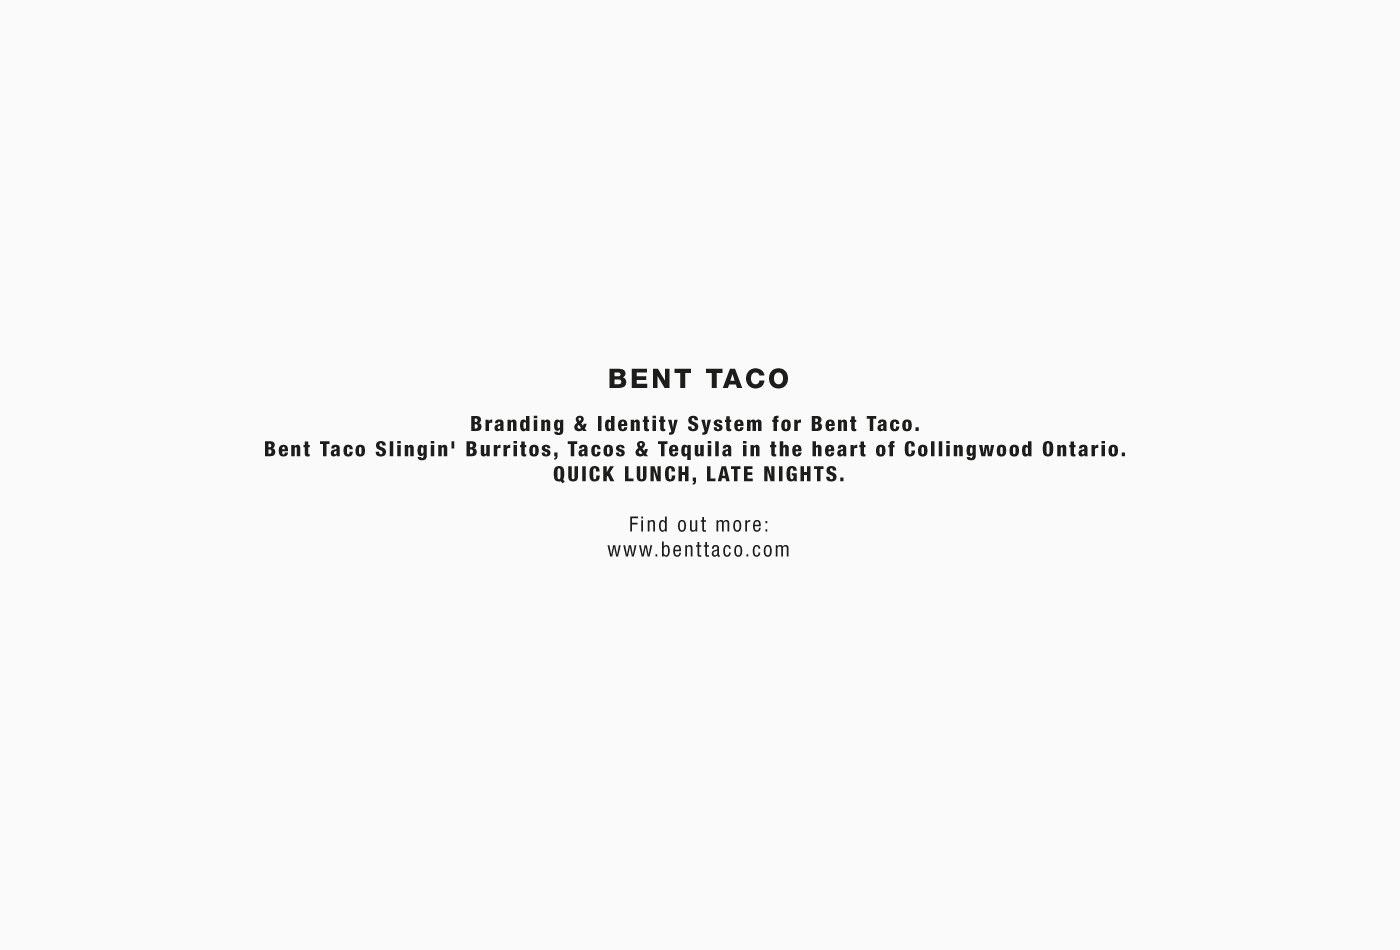 bent-taco-tacos-colingwood-vacaliebres-s